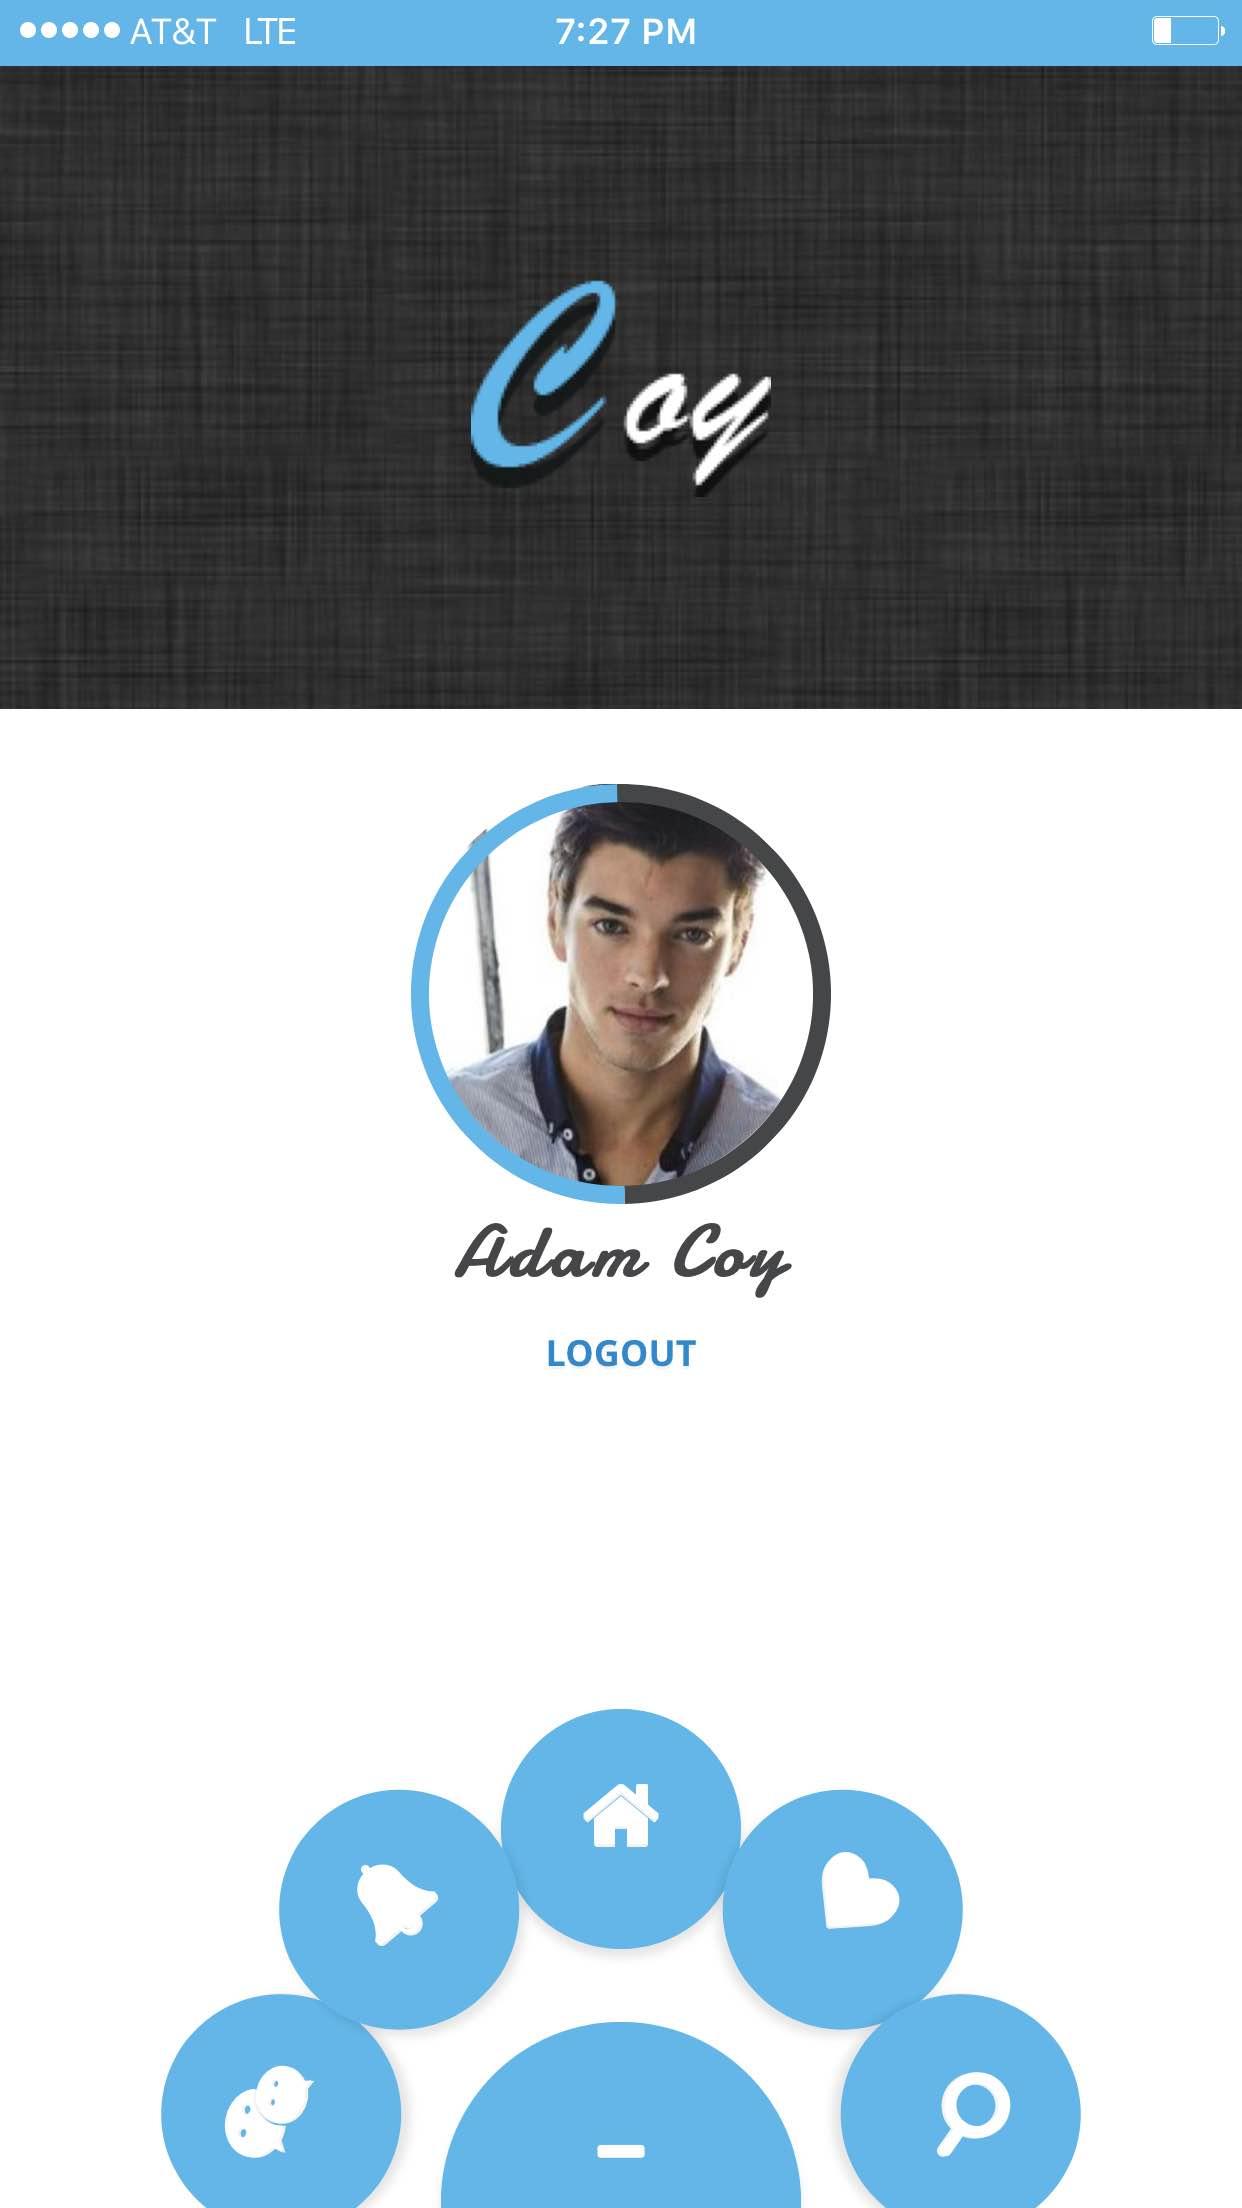 Catfish dating app